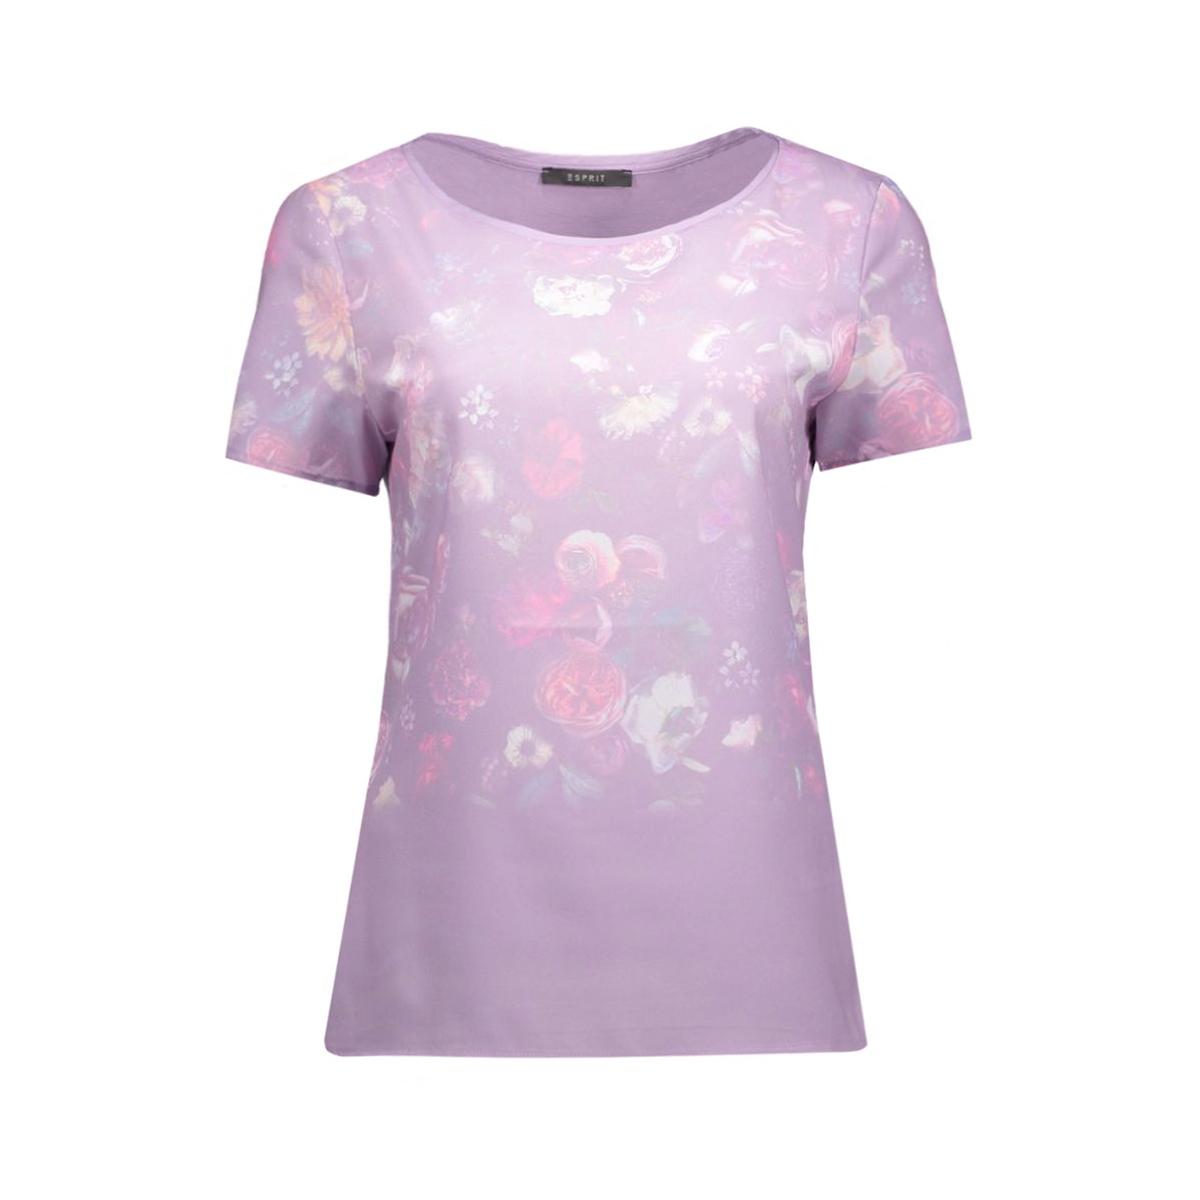 086eo1k011 esprit collection t-shirt e550